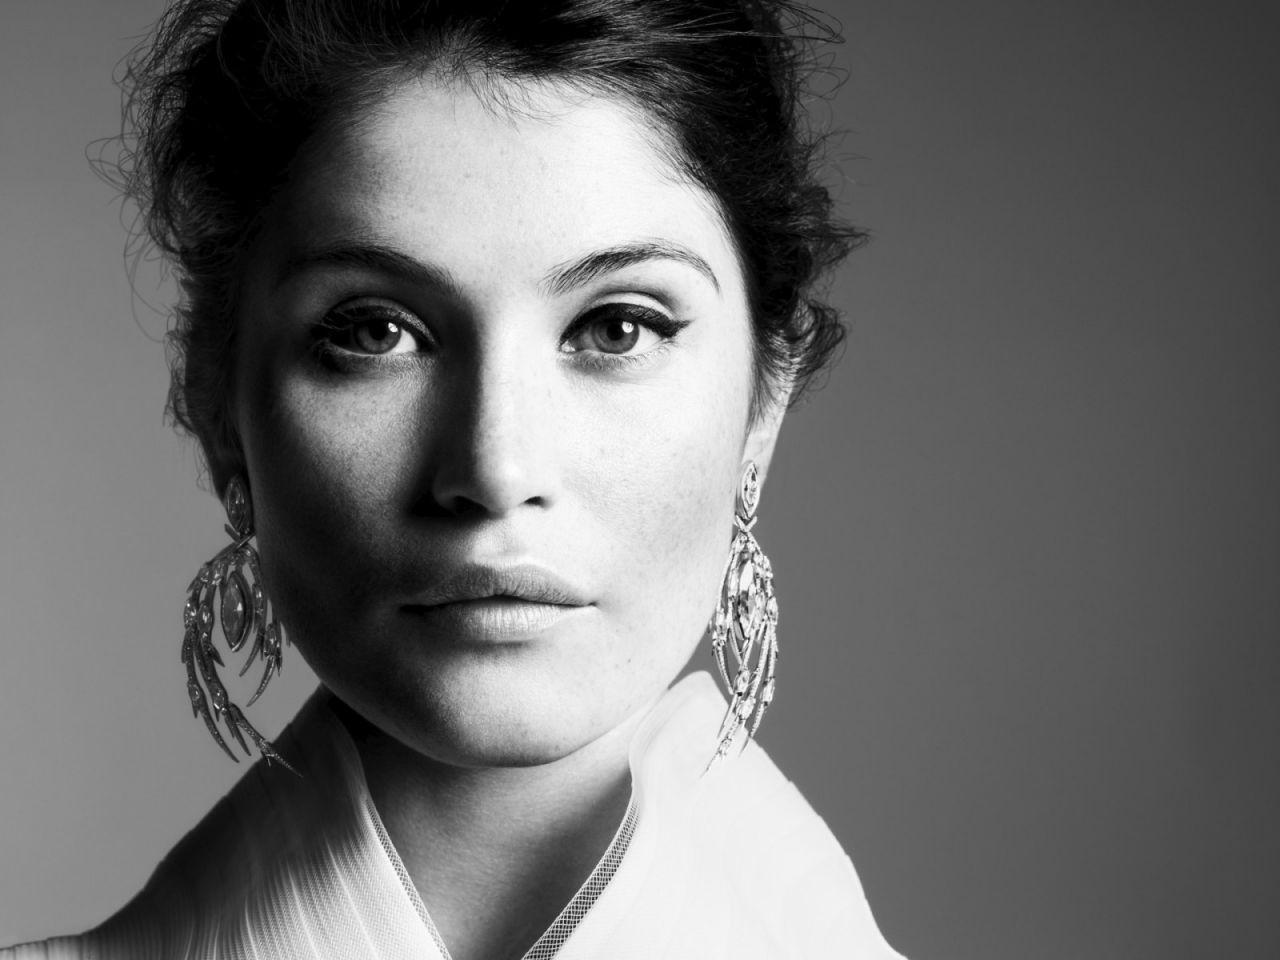 Gemma Arterton Photoshoot Vanity Fair UK